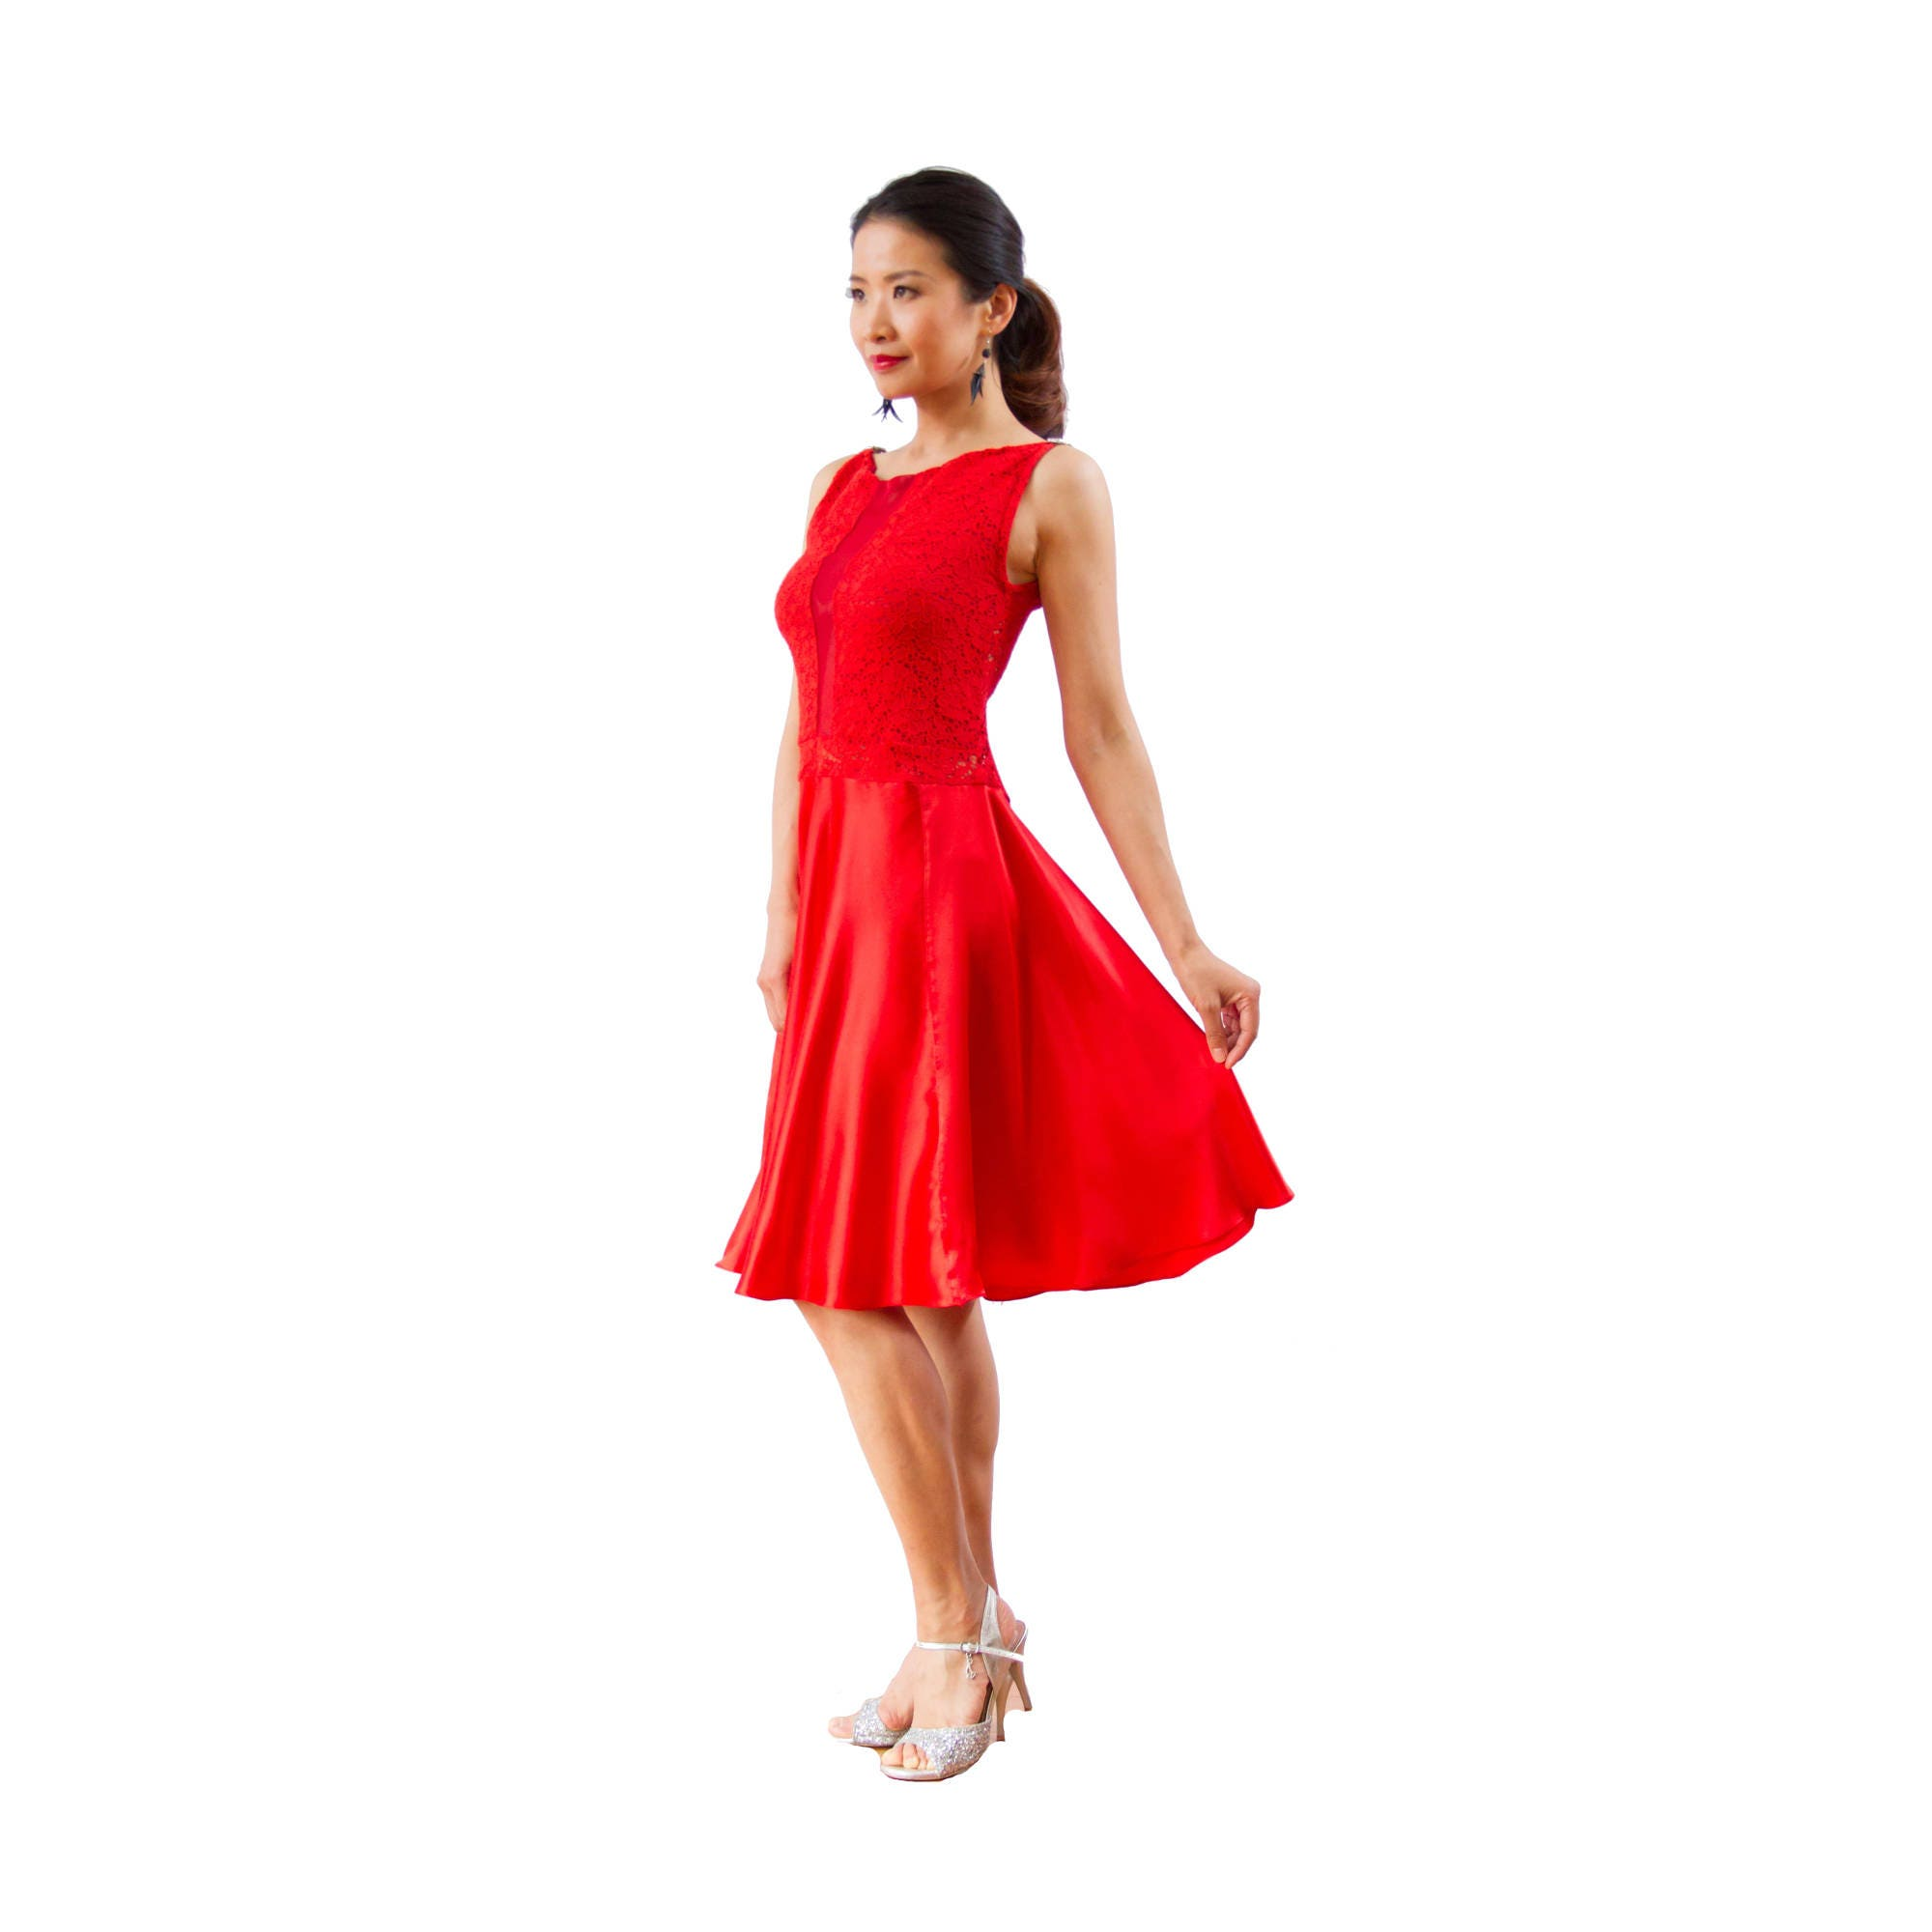 Rote Seide Kleid mit Tellerrock. Tango Argentino fit und